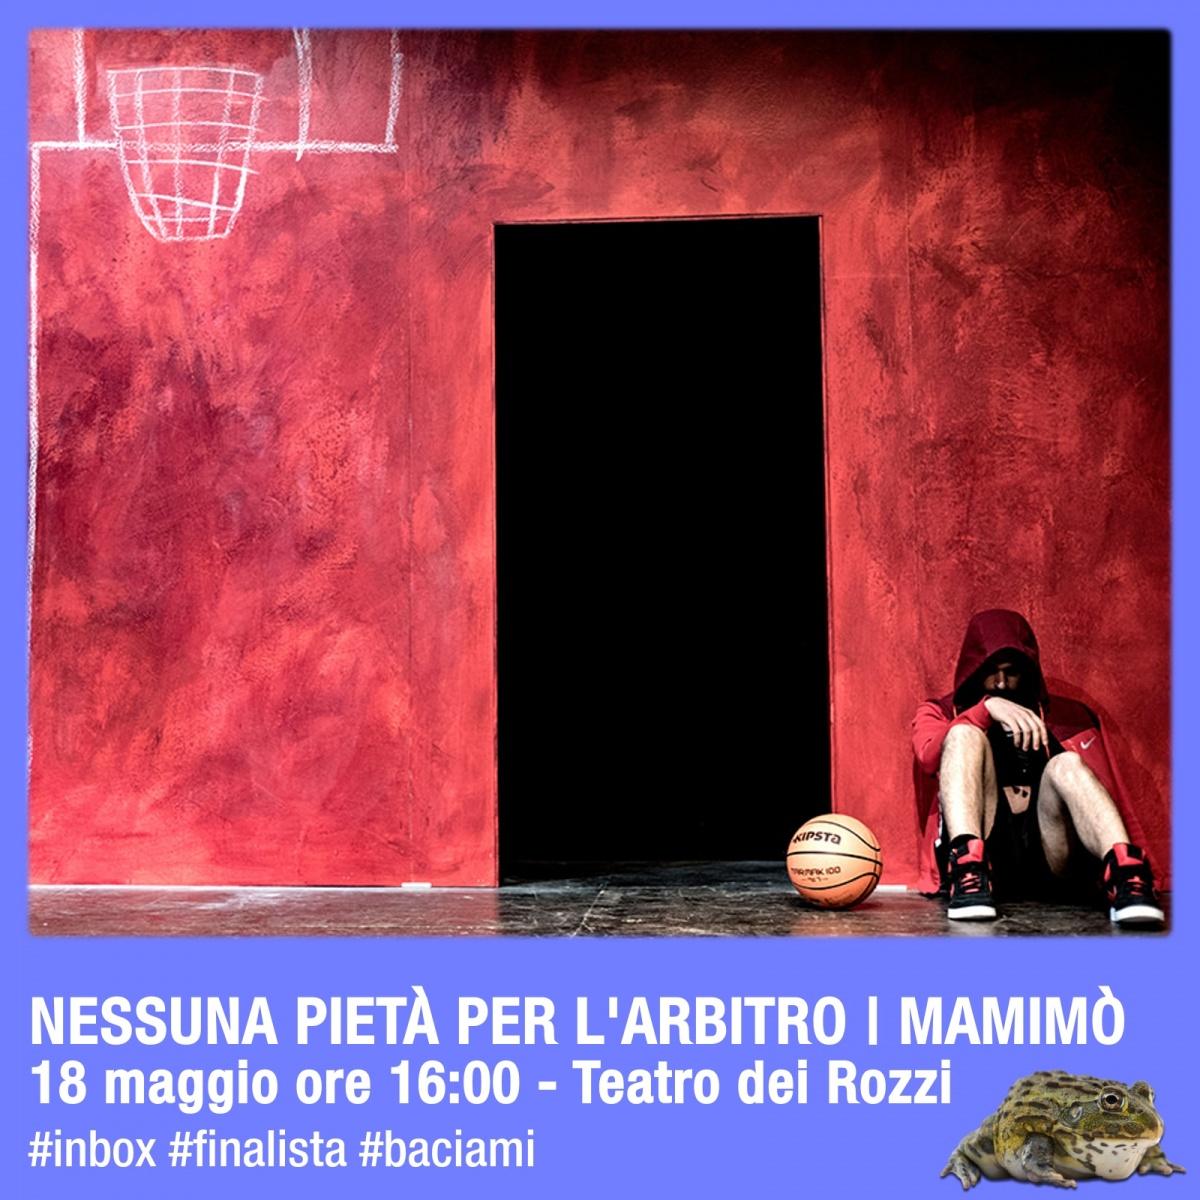 IN BOX Siena: i finalisti in gara, Nessuna pietà per l'arbitro I Mamimò